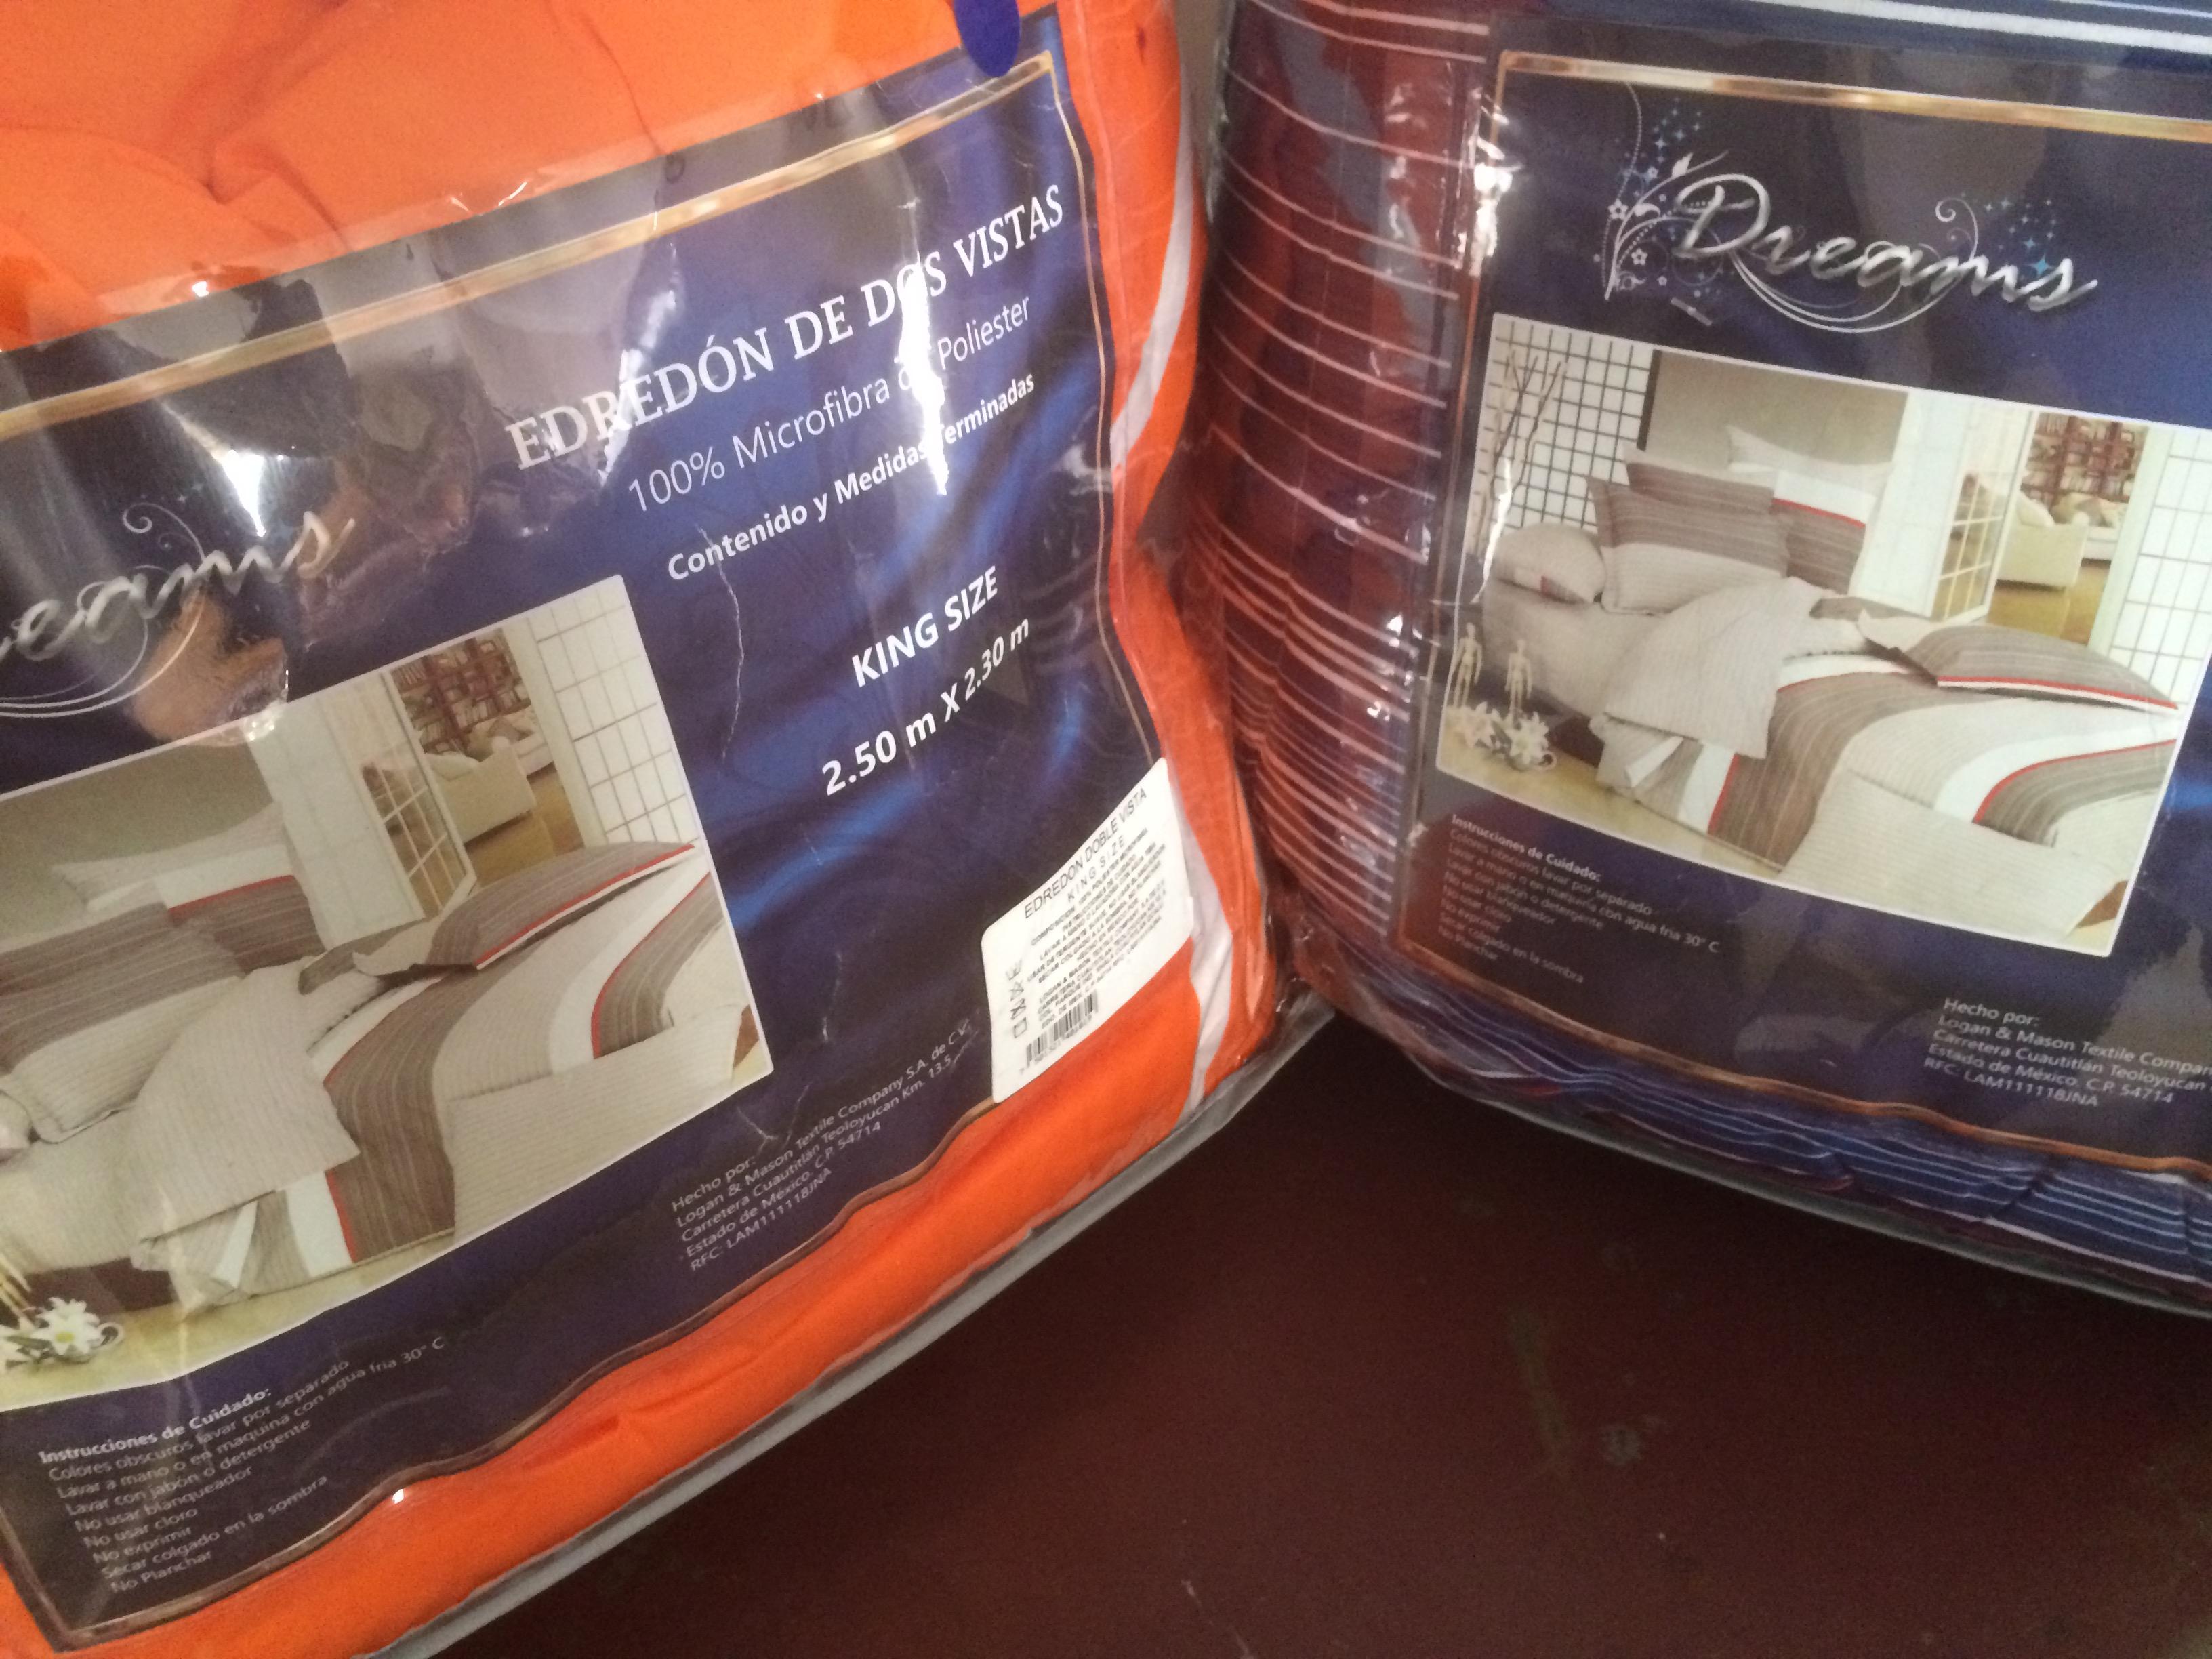 Chedraui: Edredones para cama King-size marca Dreams a $199